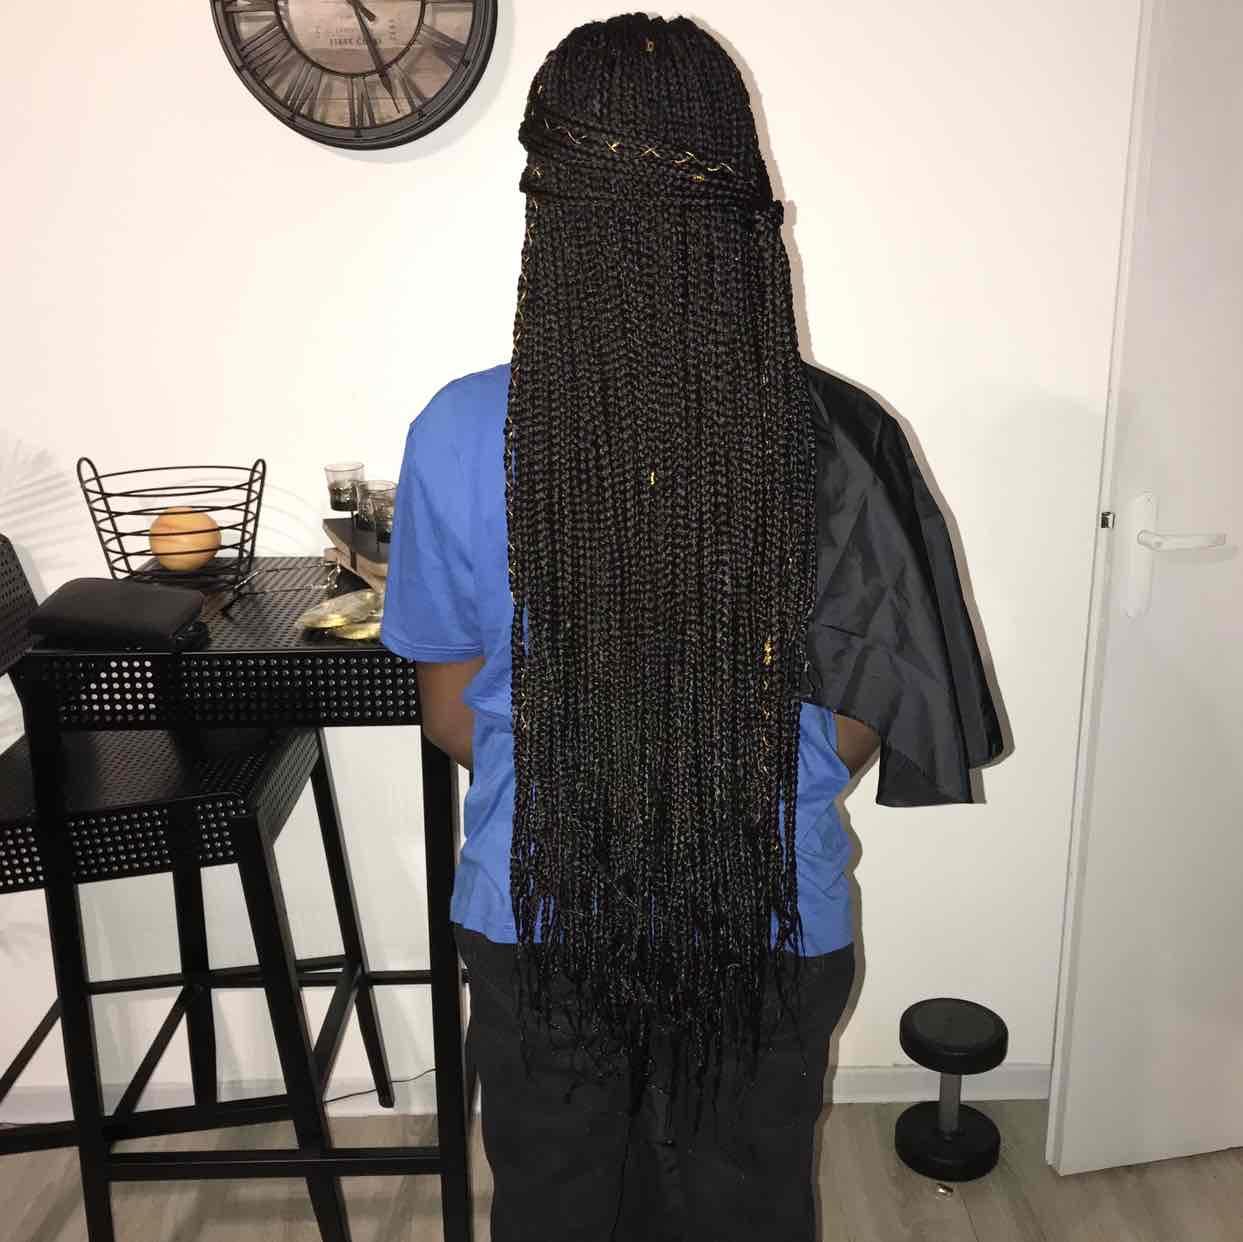 salon de coiffure afro tresse tresses box braids crochet braids vanilles tissages paris 75 77 78 91 92 93 94 95 WWQDPNLB